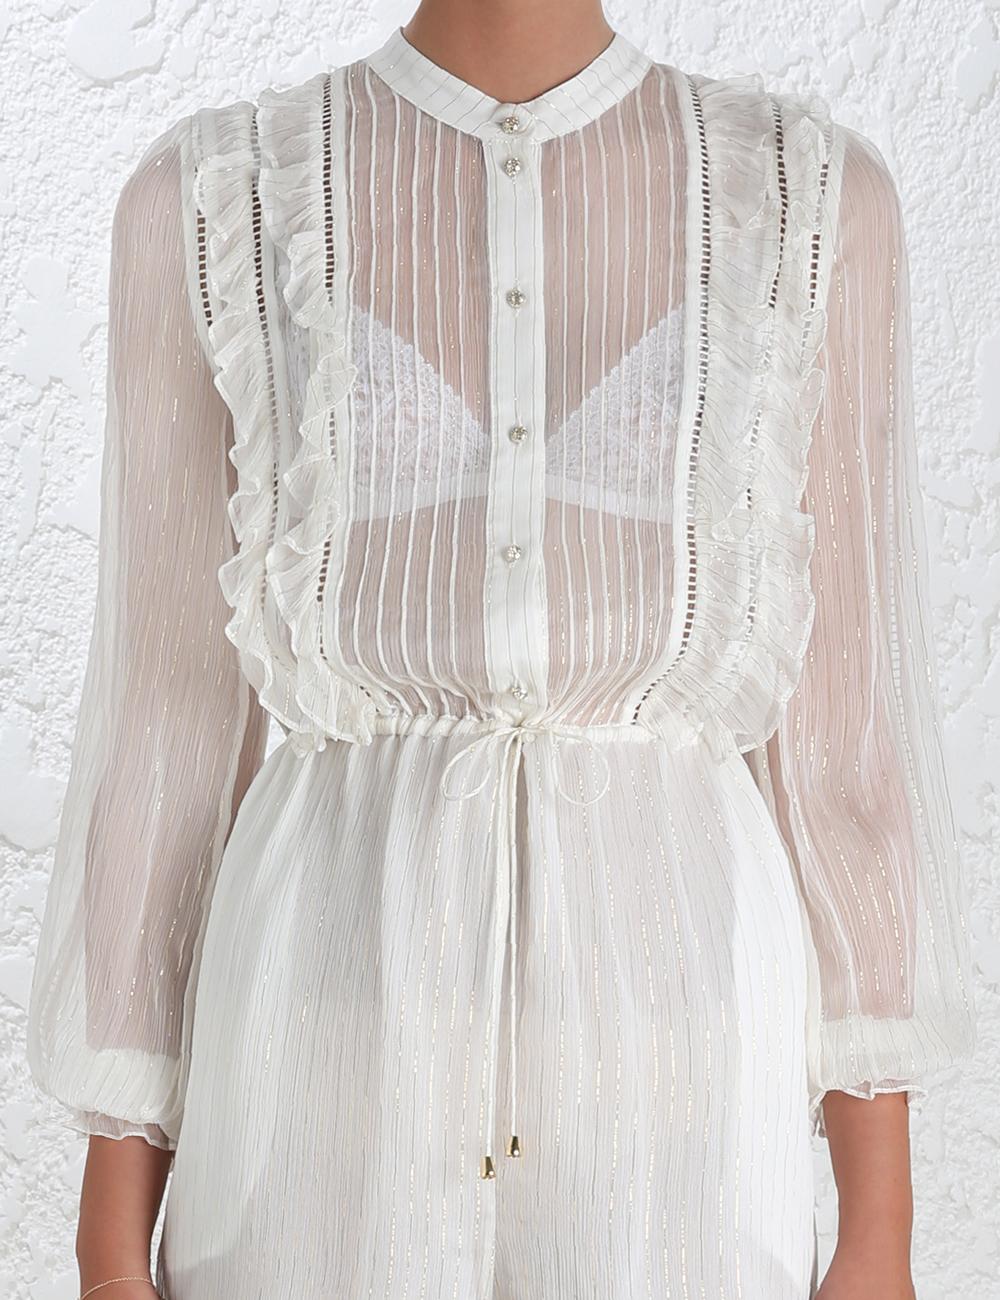 78596576ad7 Lyst - Zimmermann Mischief Frill Playsuit in White